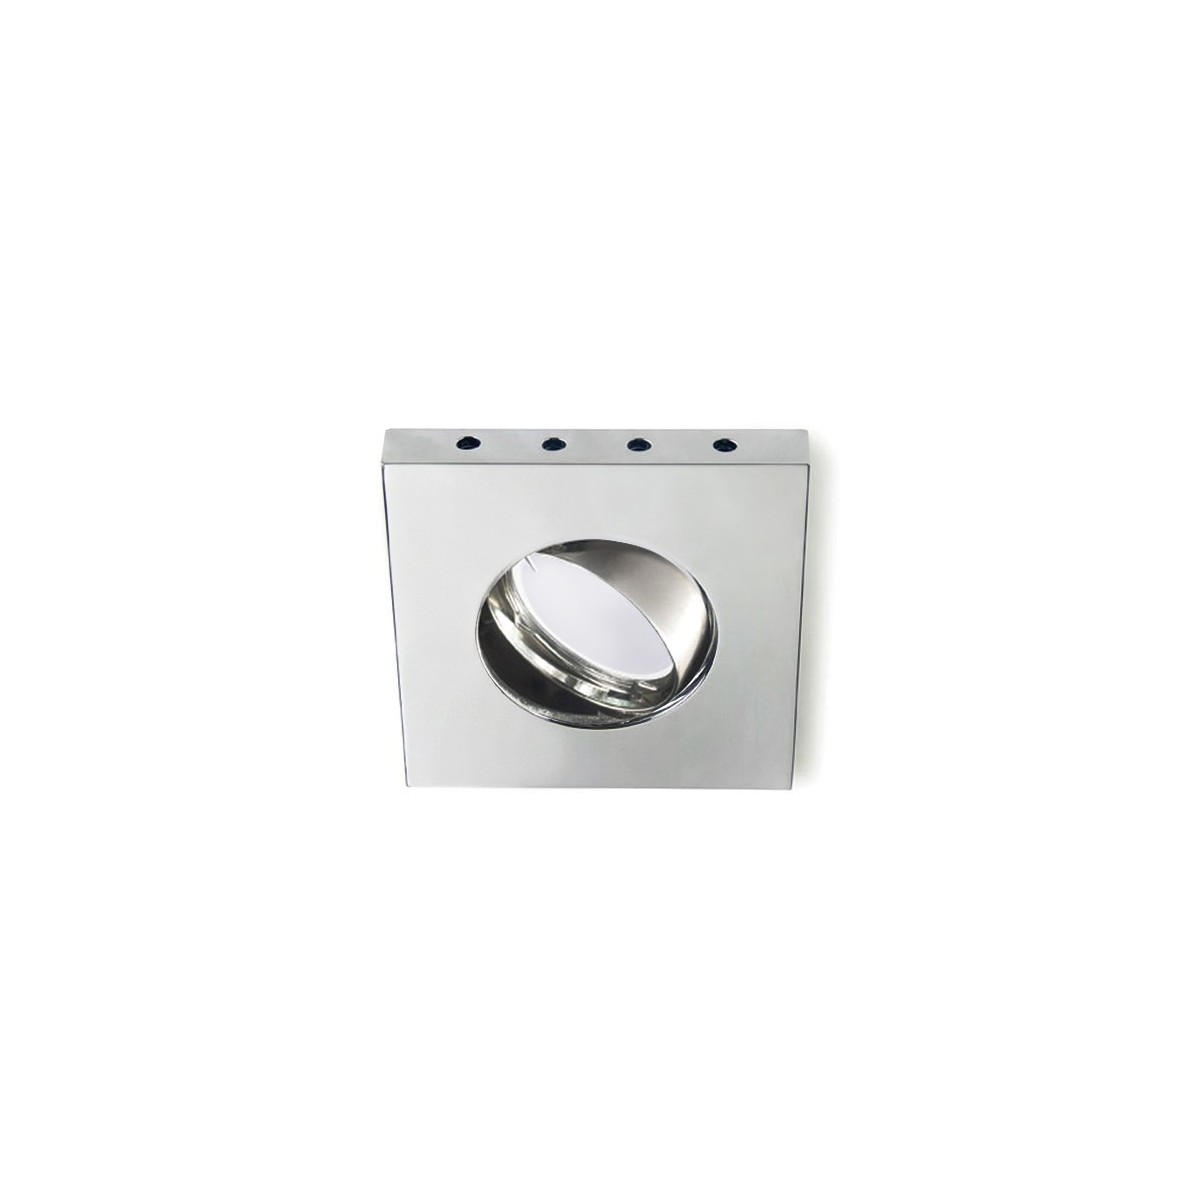 Empotrable LED de 0,5W cuadrado basculante Horus cromo